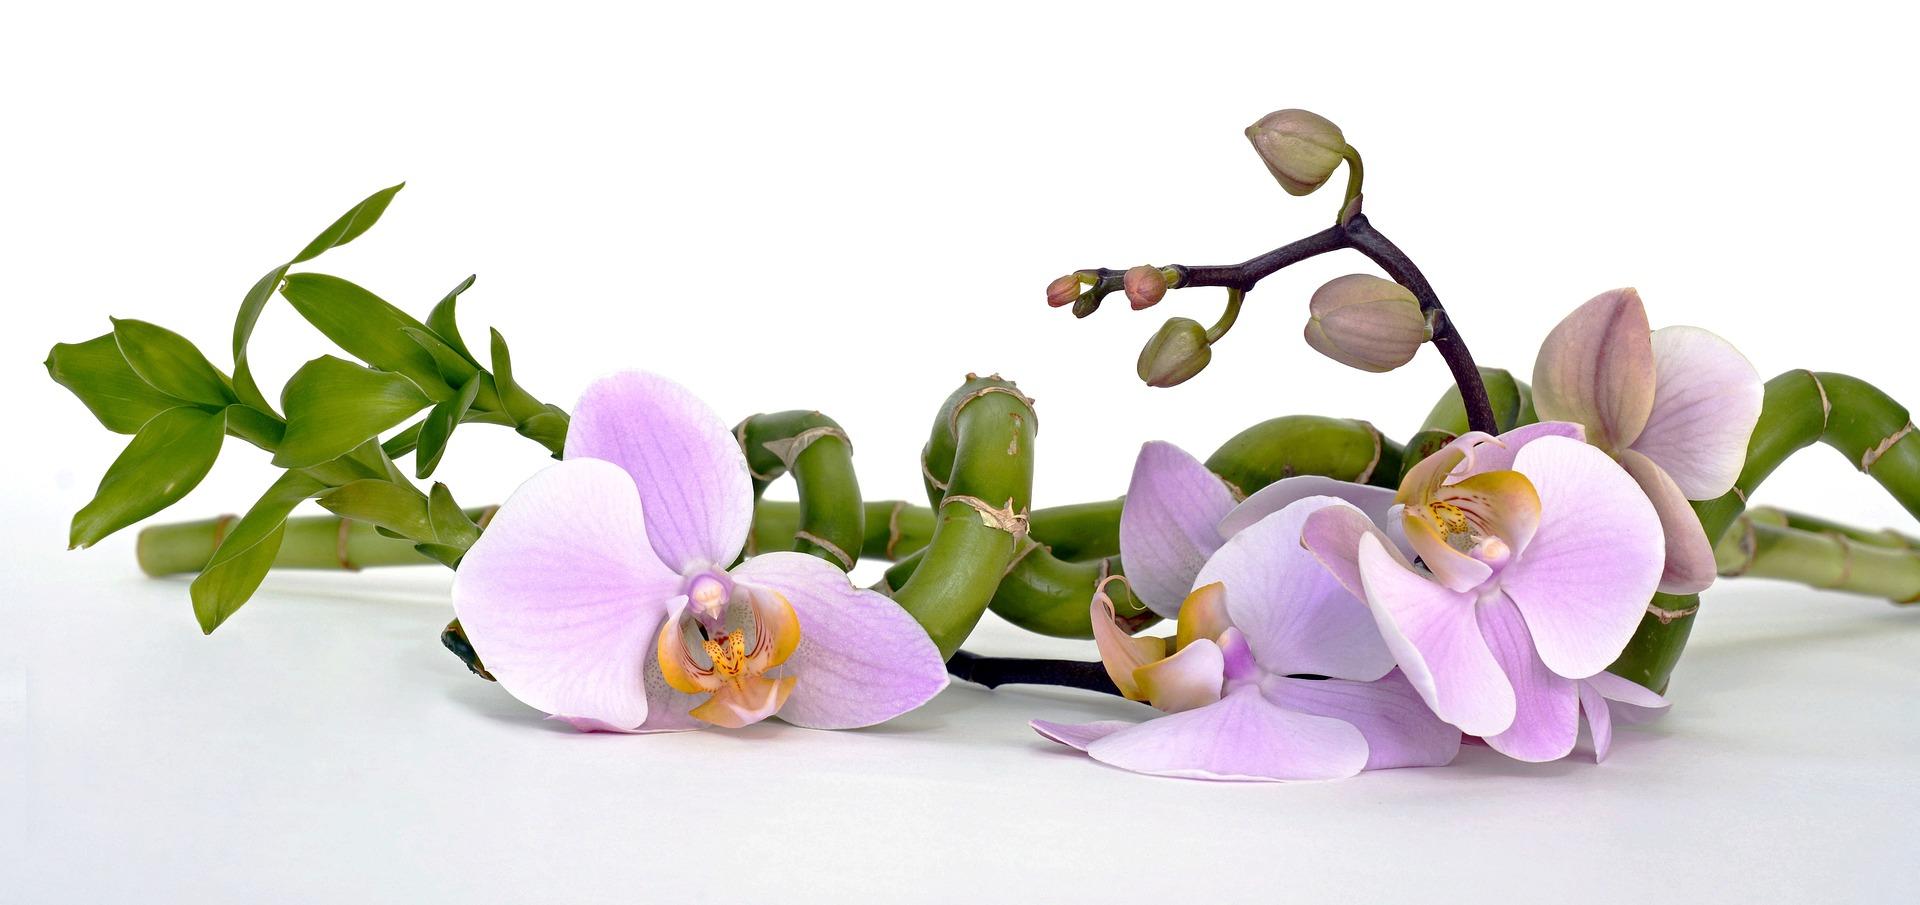 orchid-2115262_1920.jpg